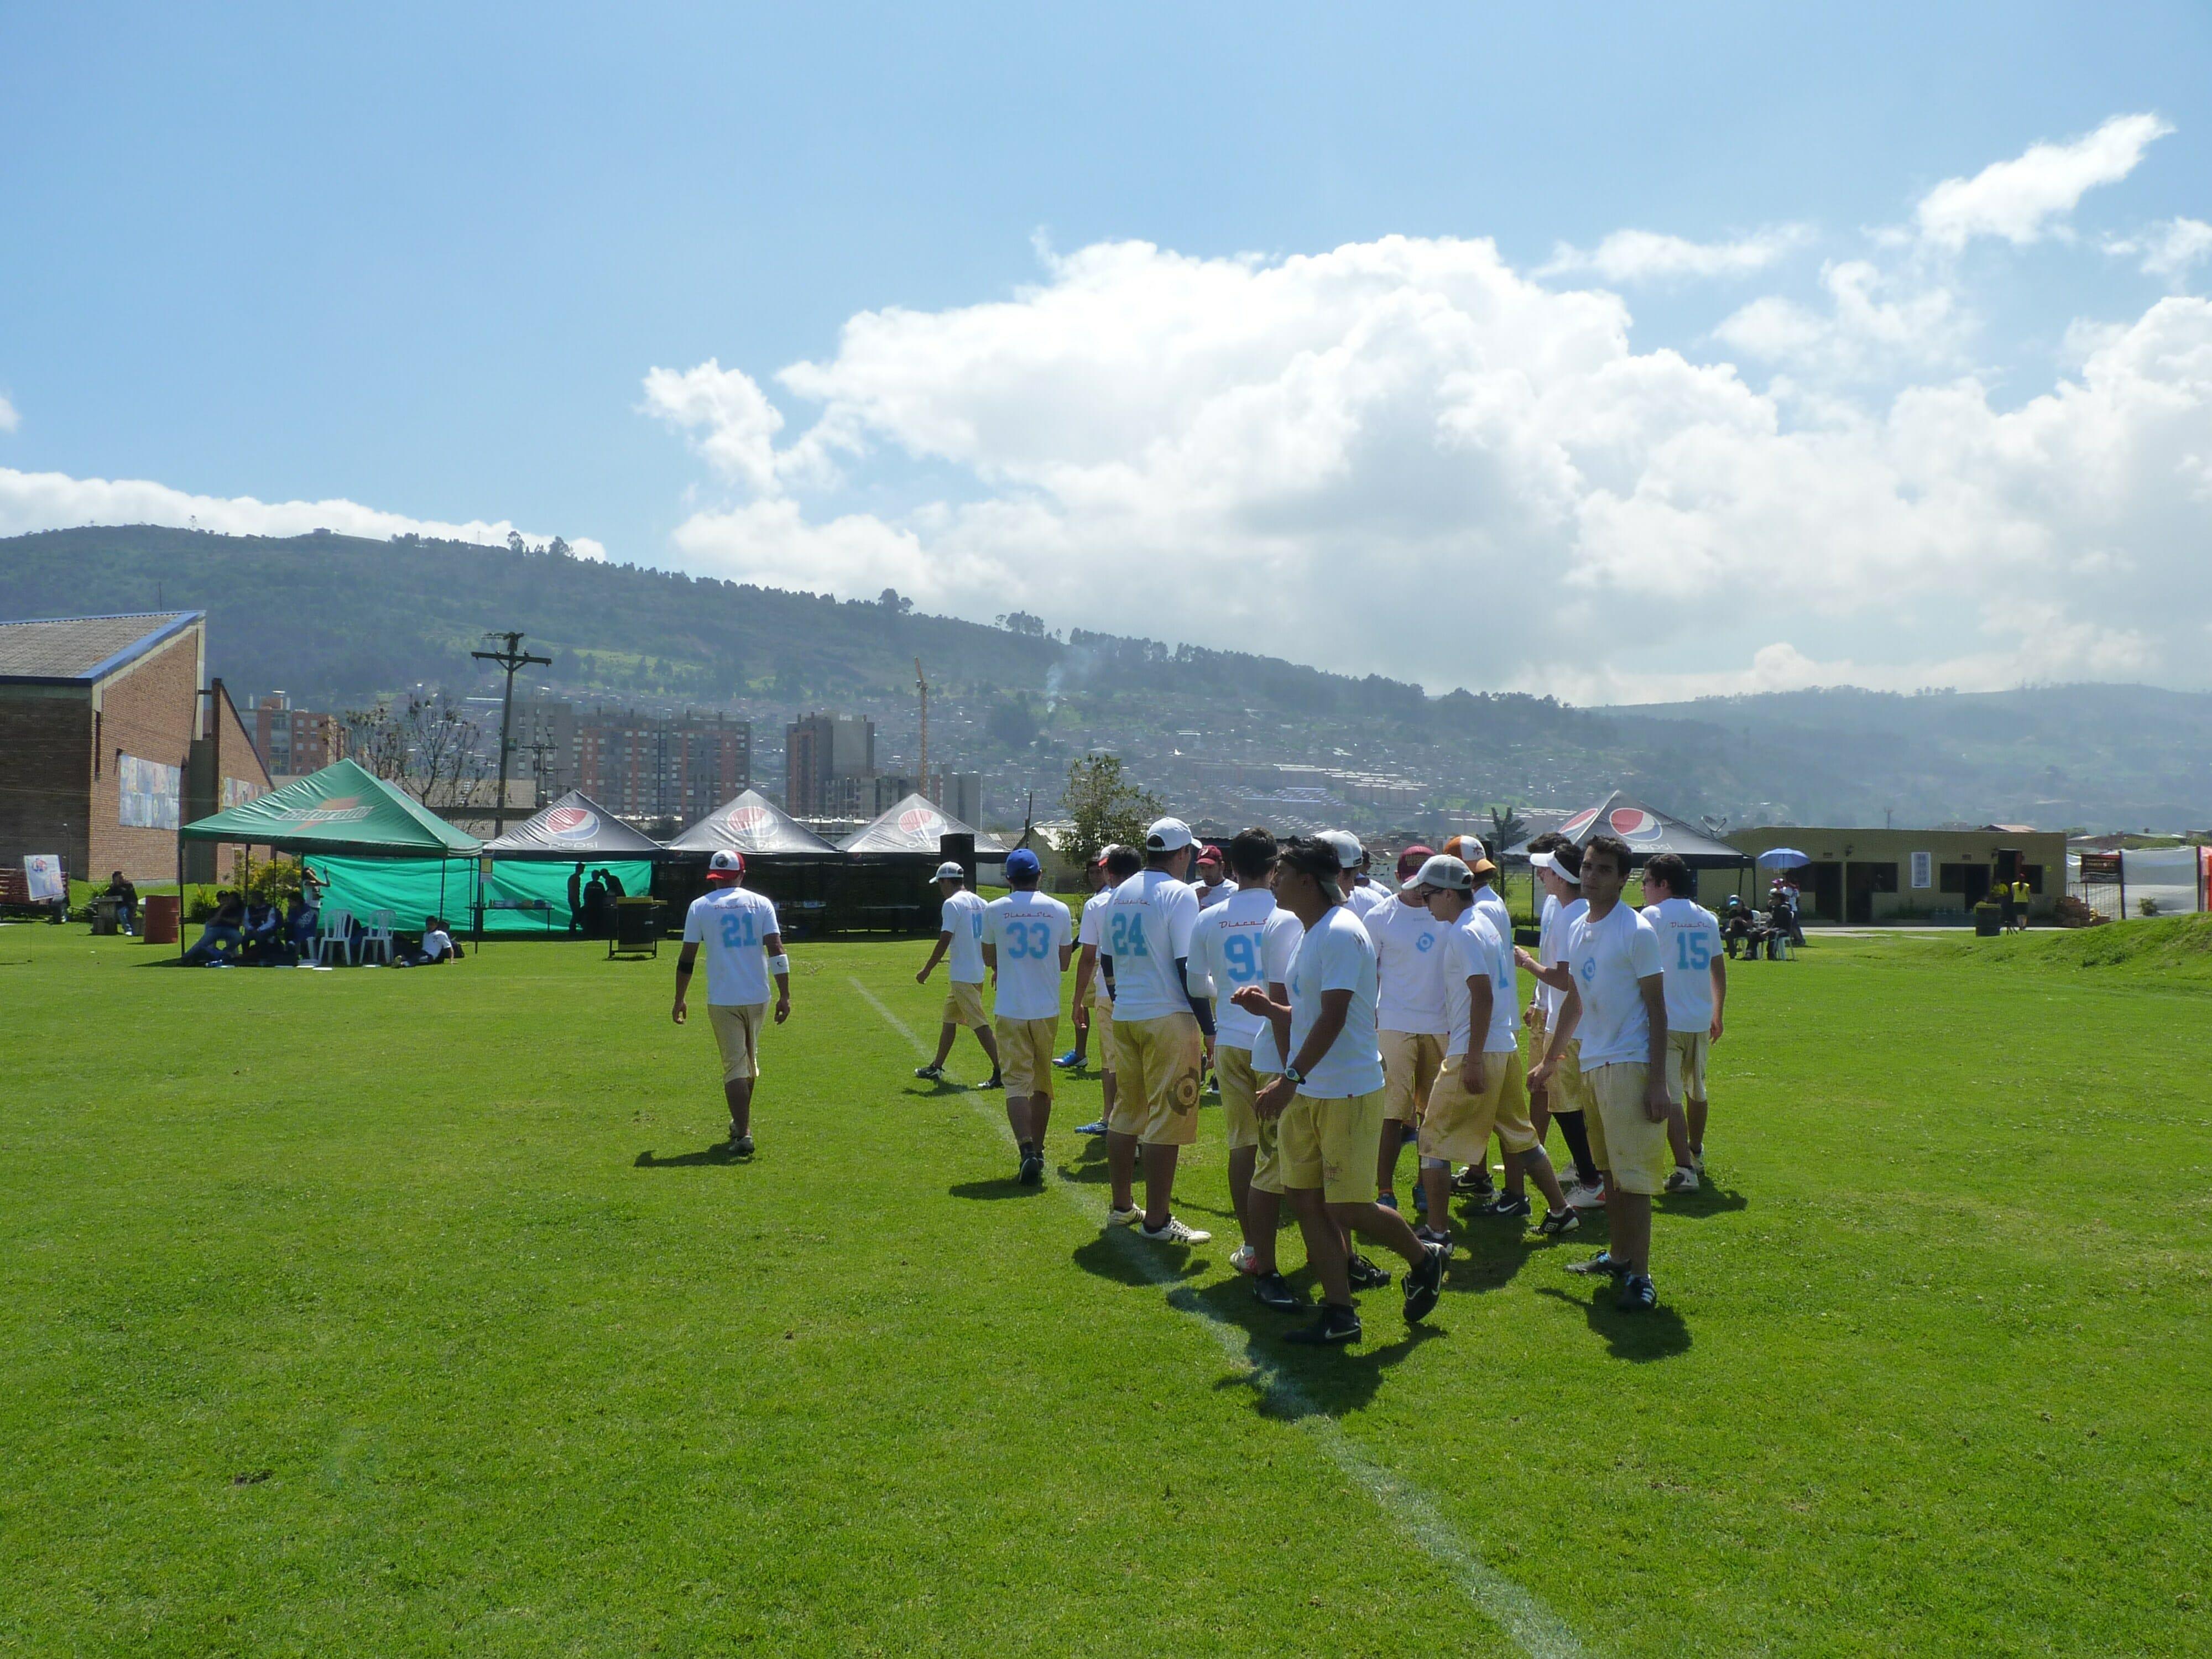 Disco Stu prepares to play on the beautiful Bogotá fields.